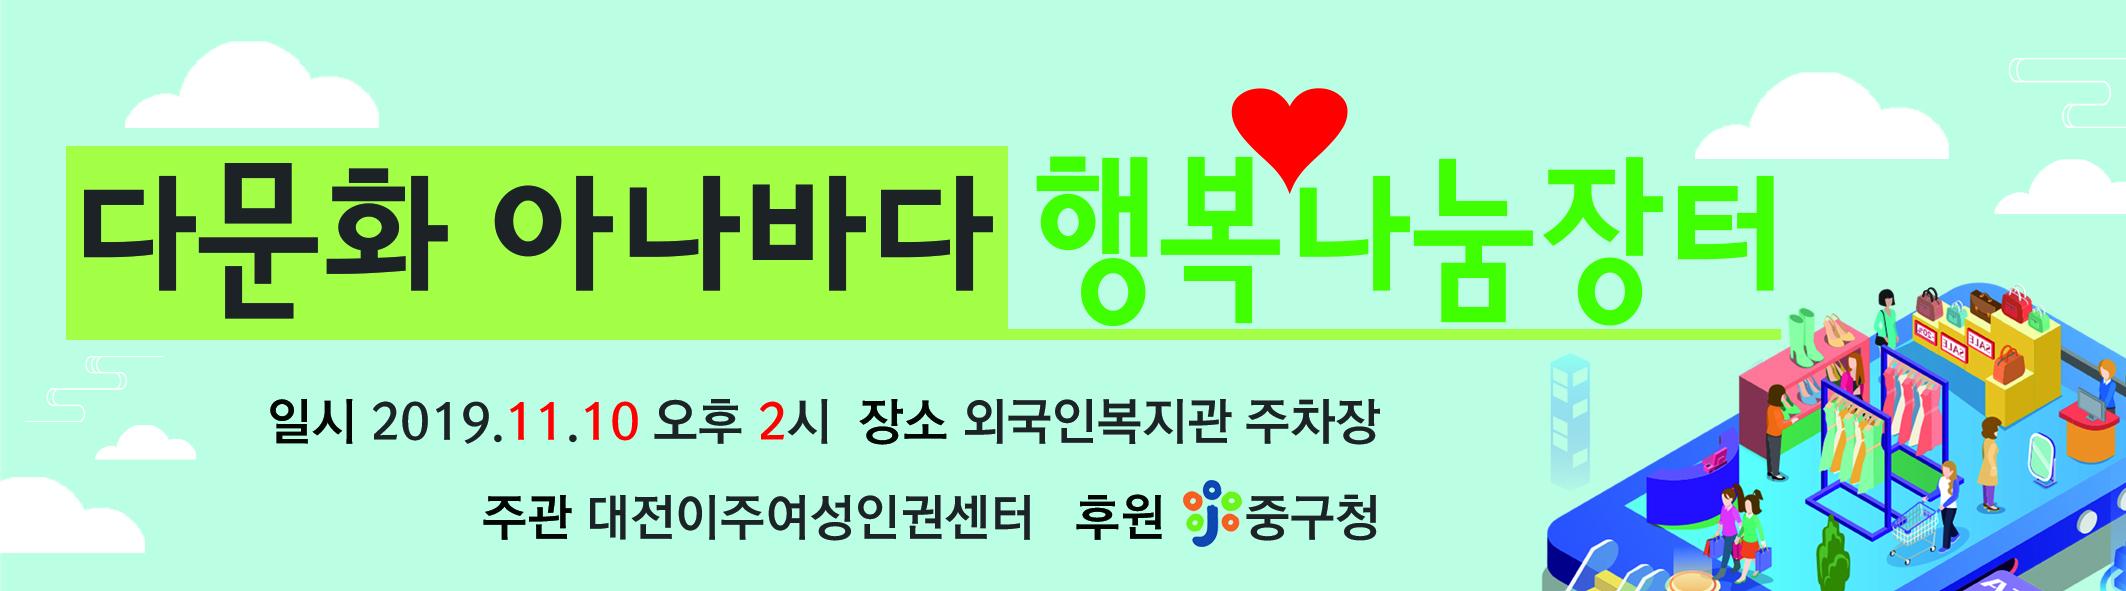 장터 현수막2.jpg